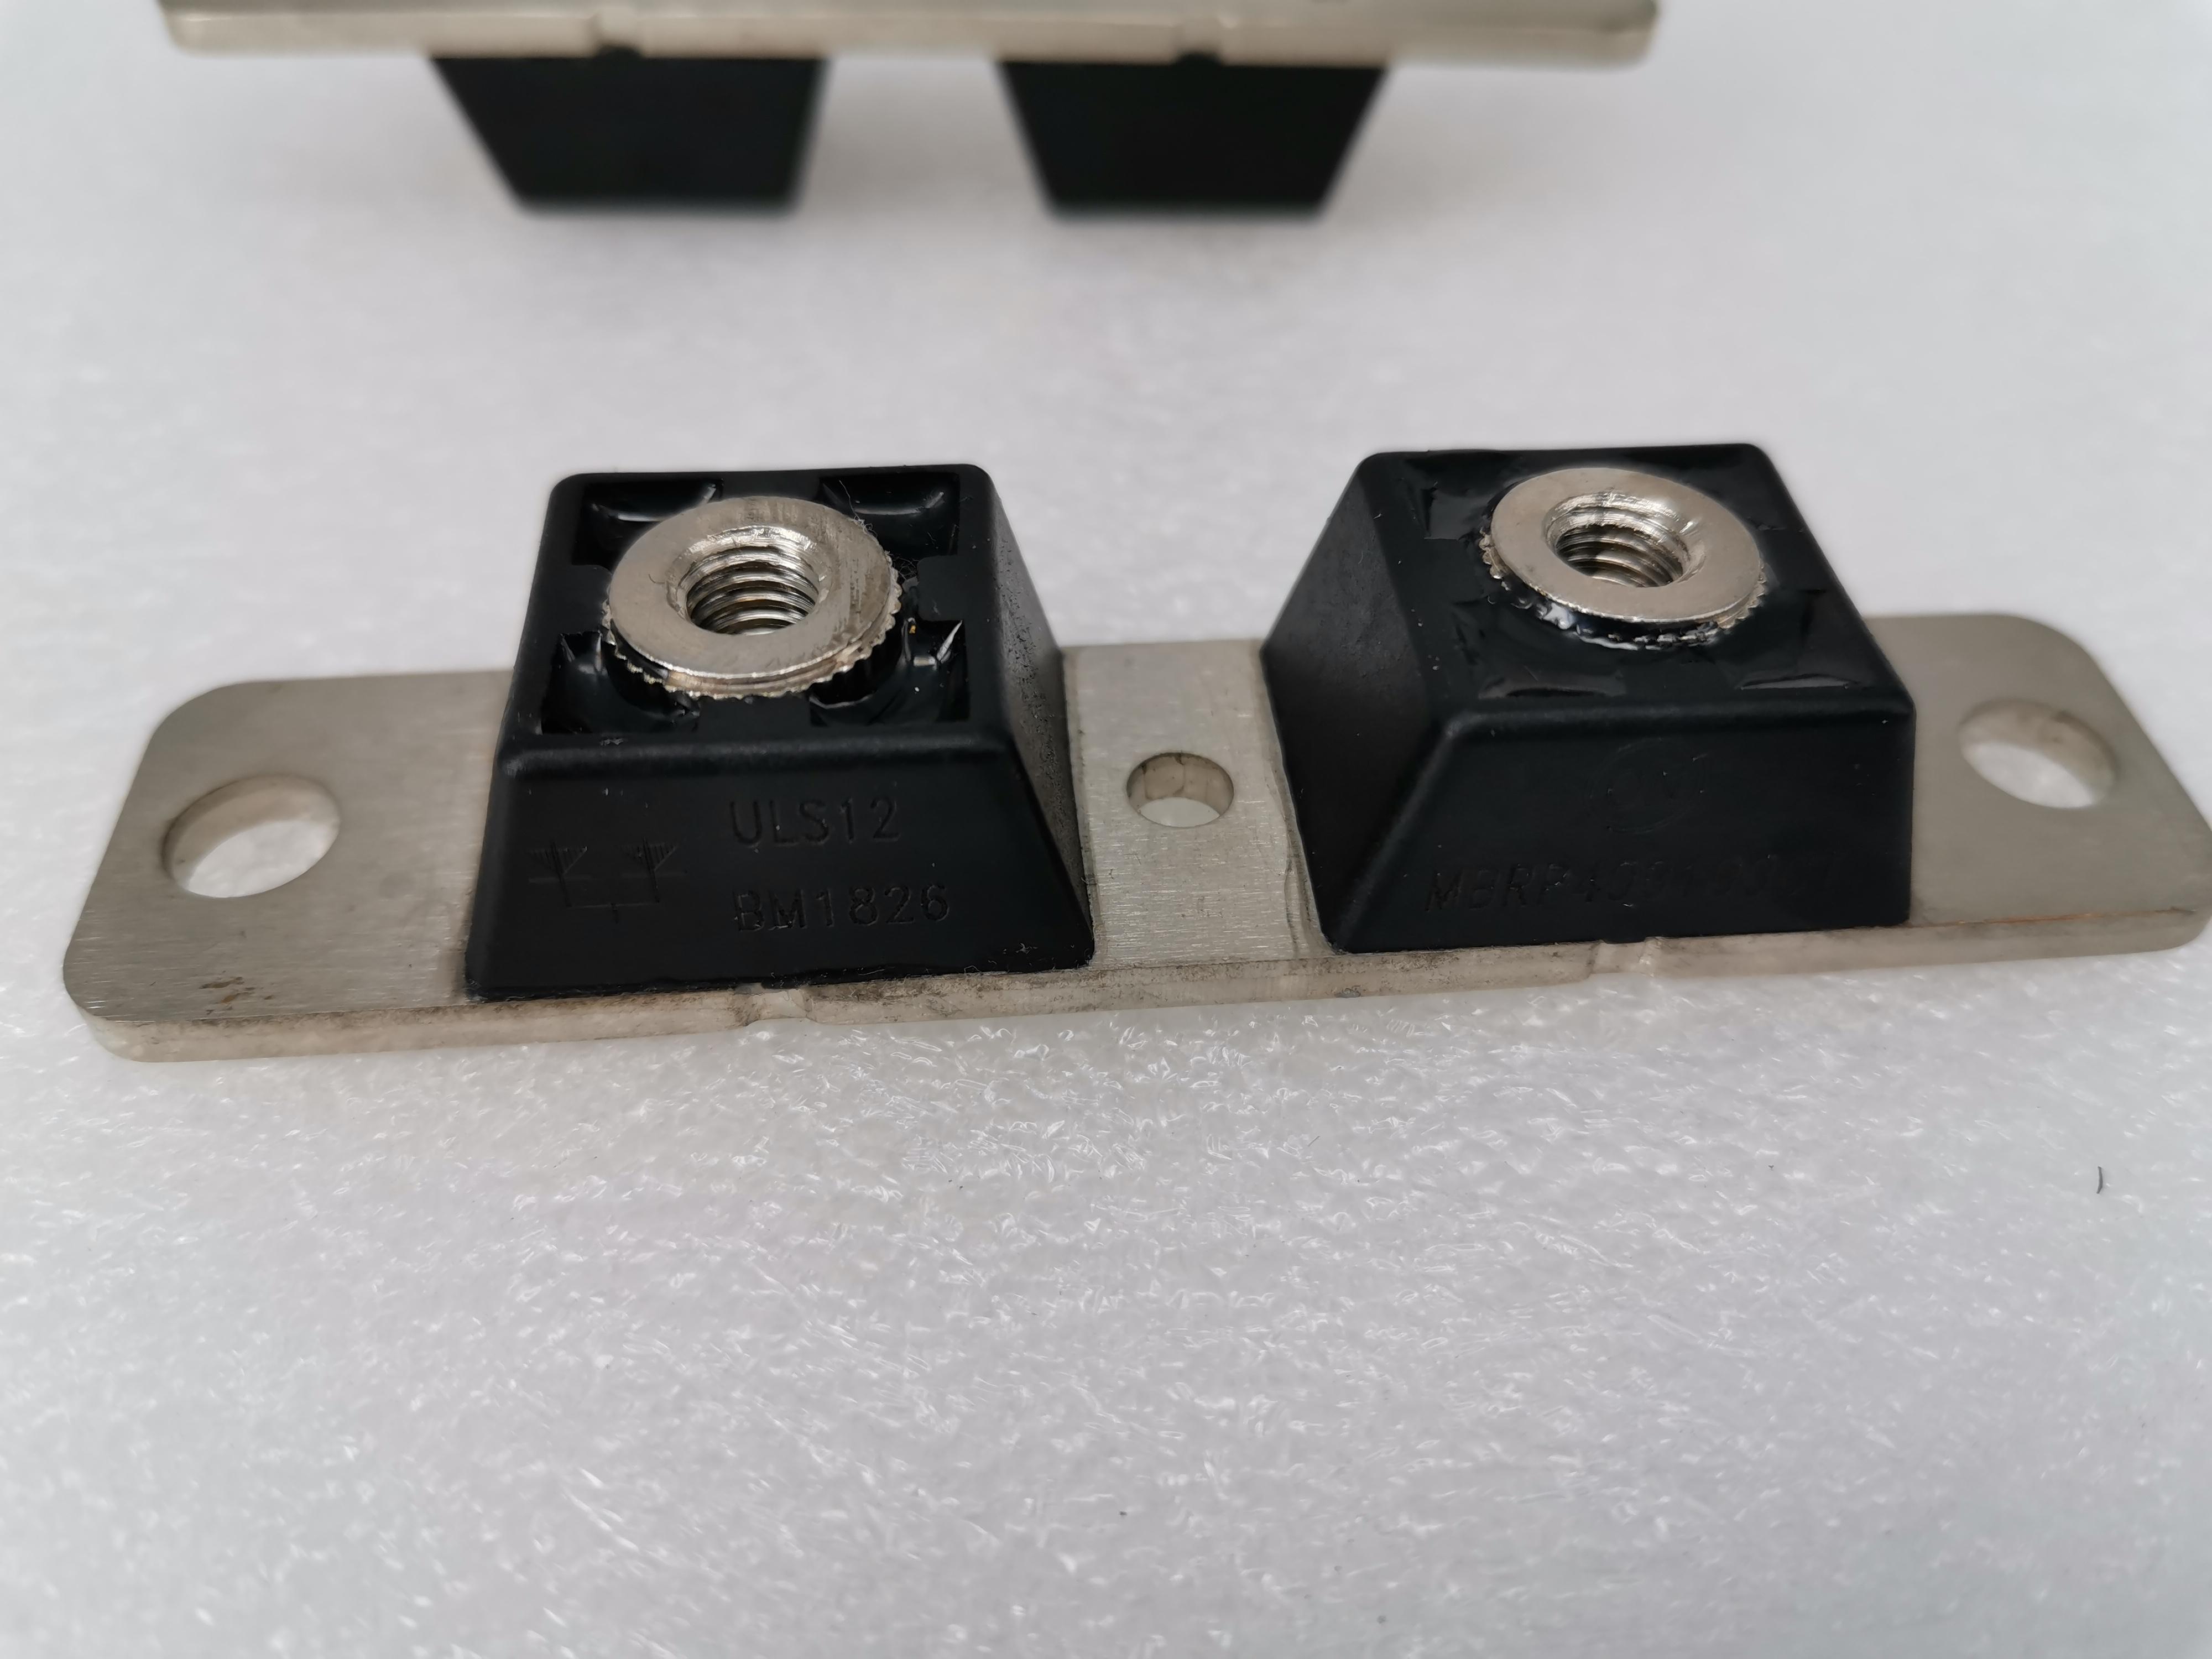 全新原装艾赛斯快恢复二极管功率模块MBRP400100CT  晶闸管可控硅现货直销